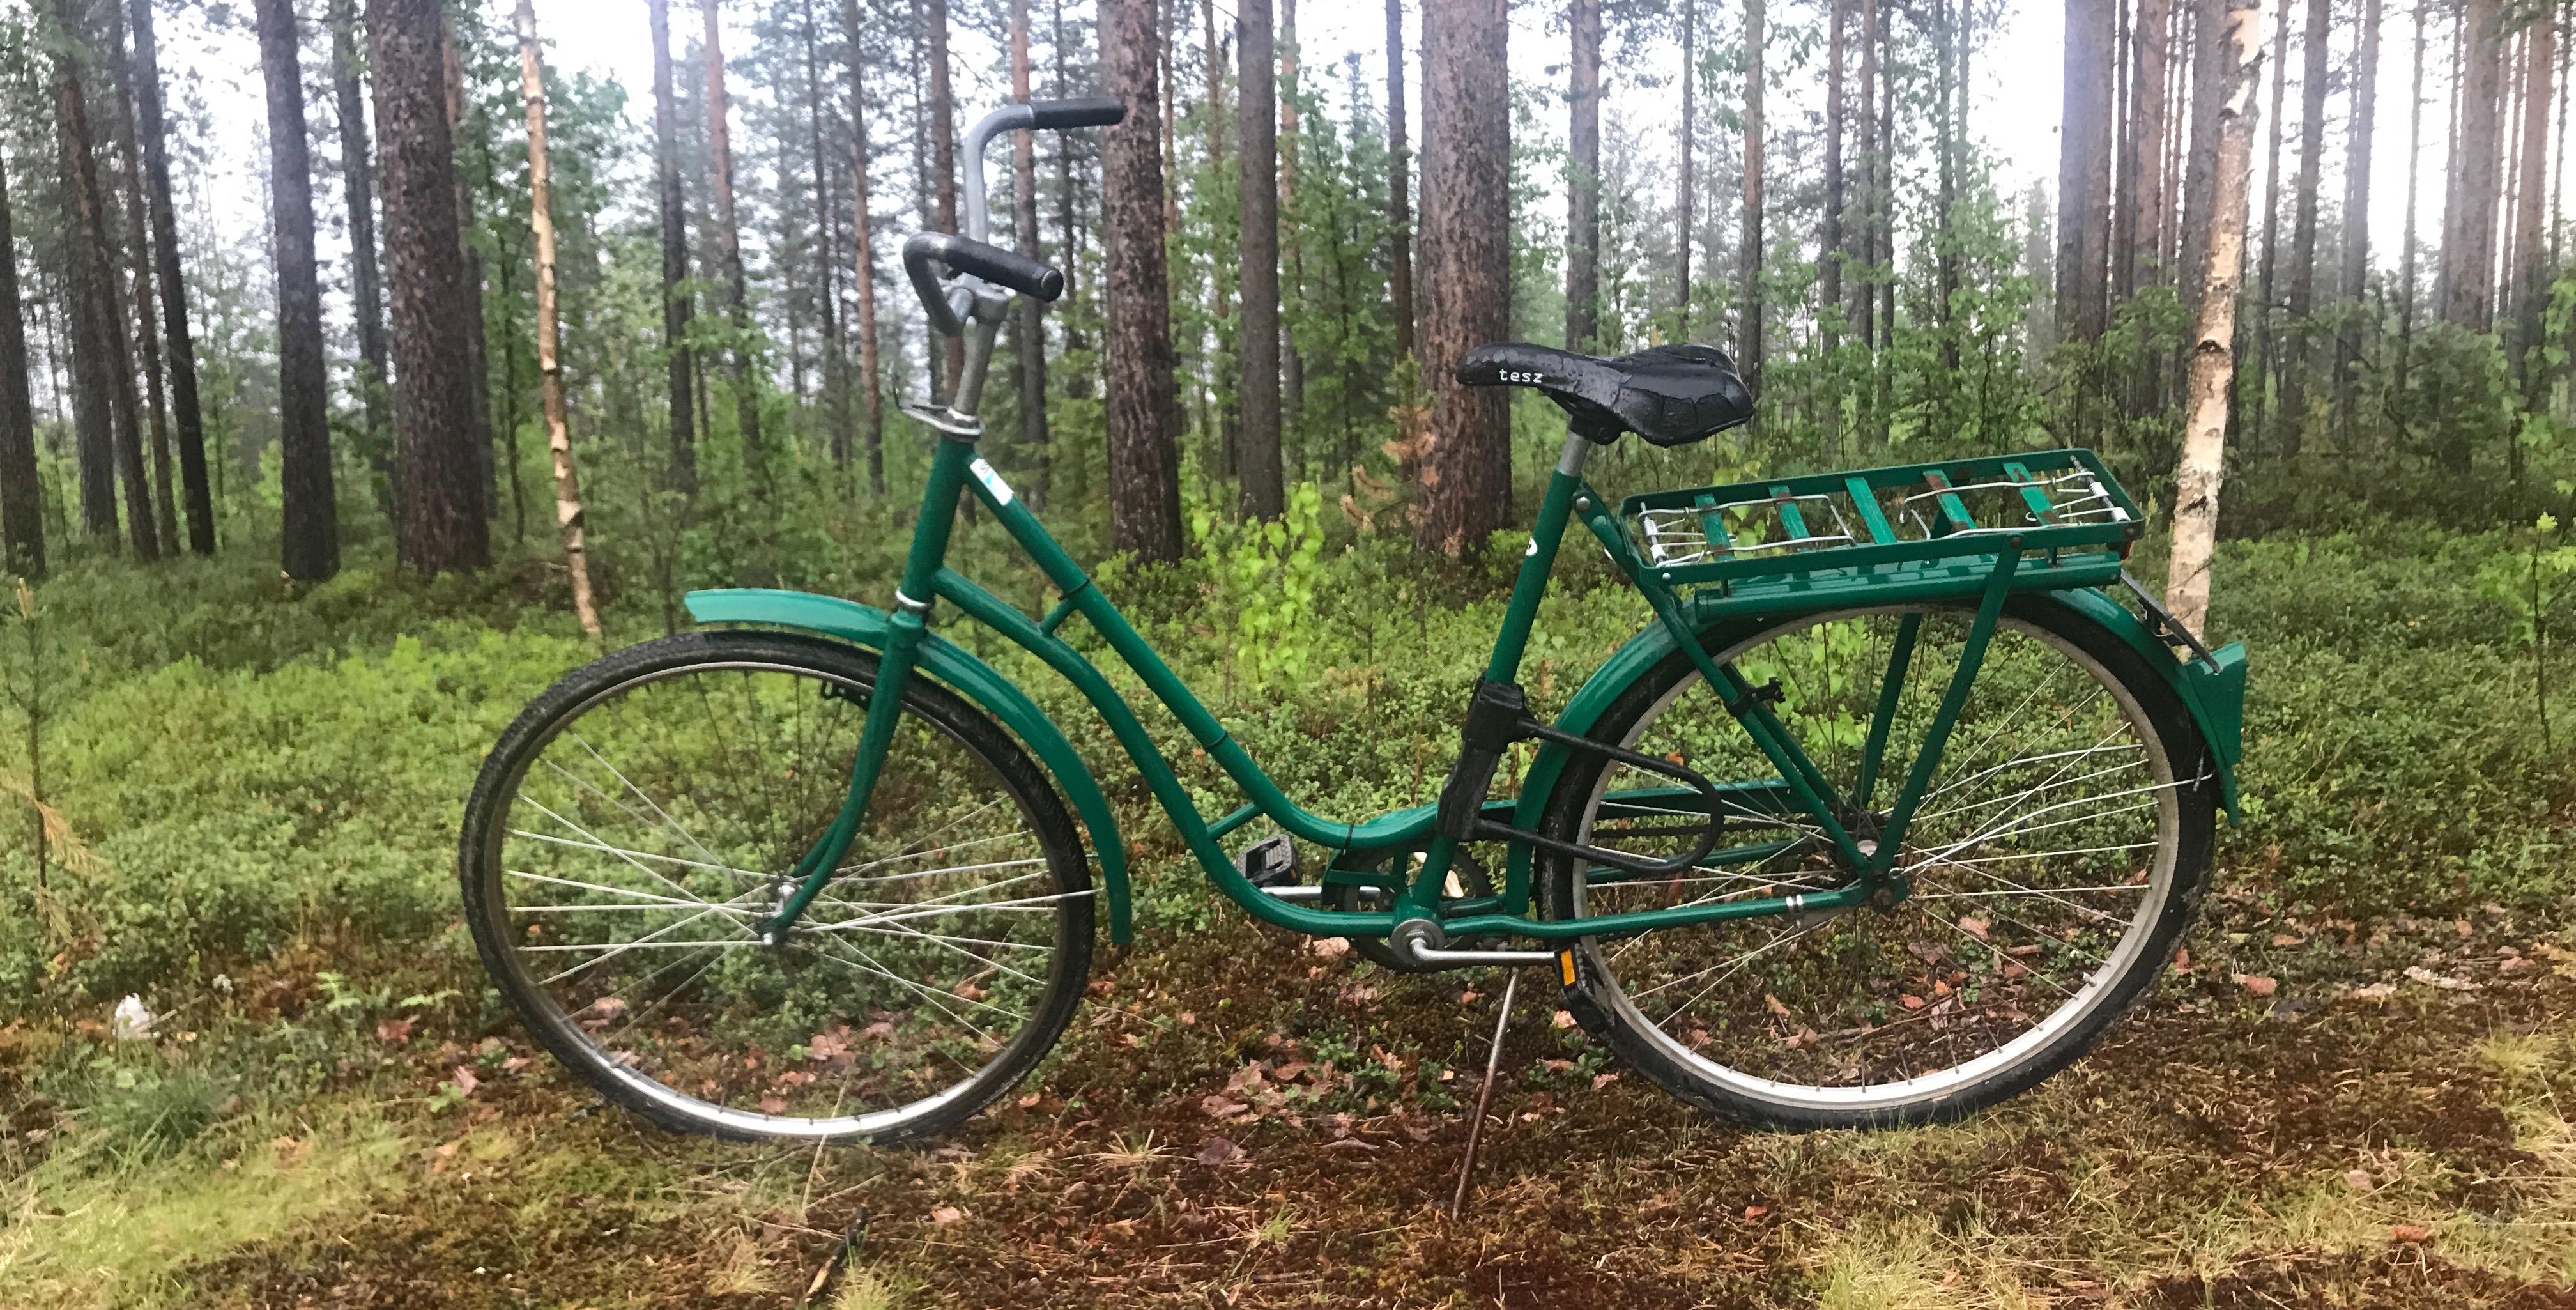 Cykel som står uppställd